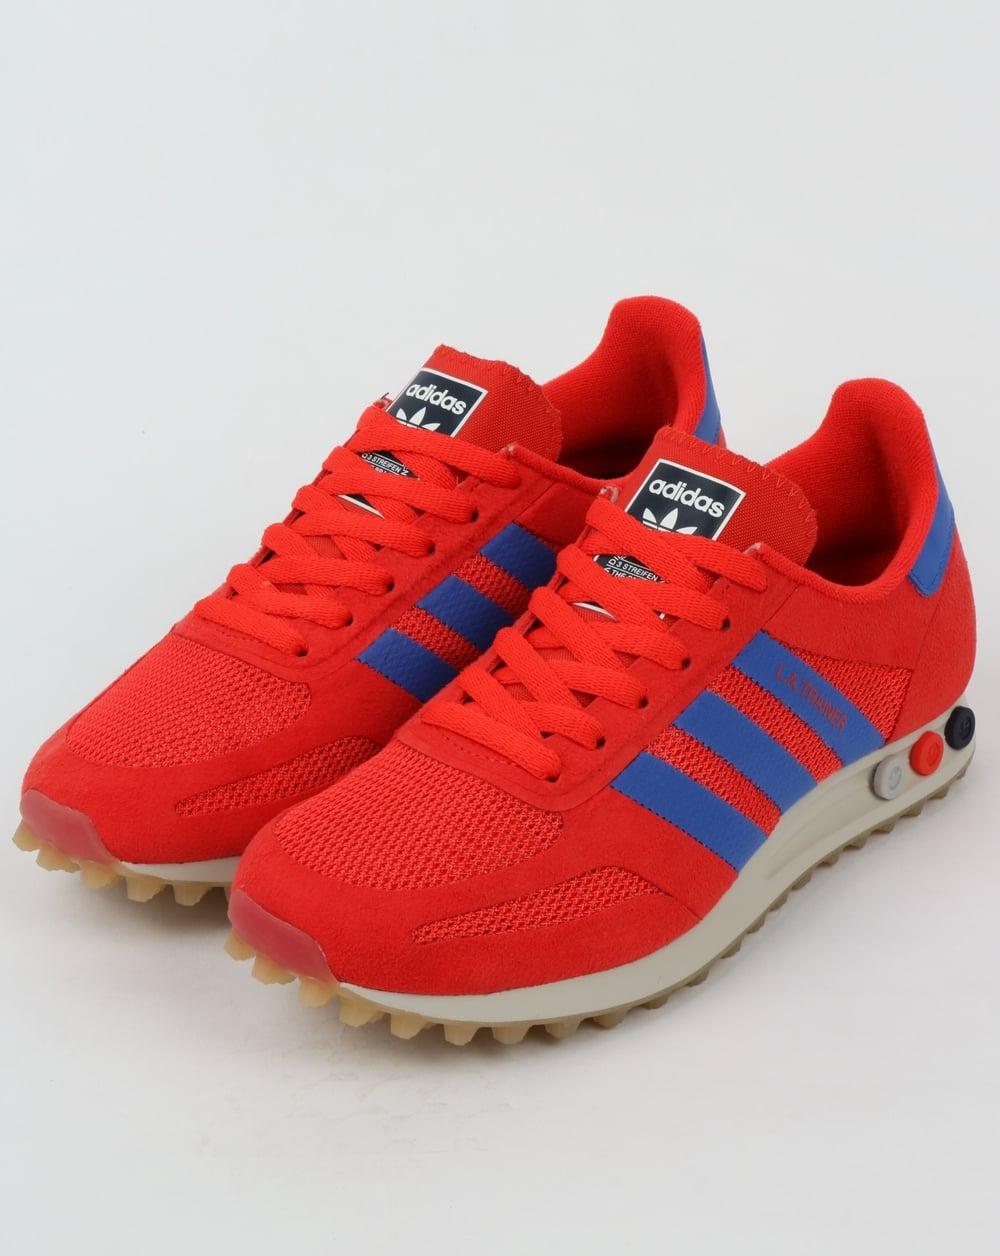 Adidas LA OG Trainer Hi Res Red/Hi Res Blue